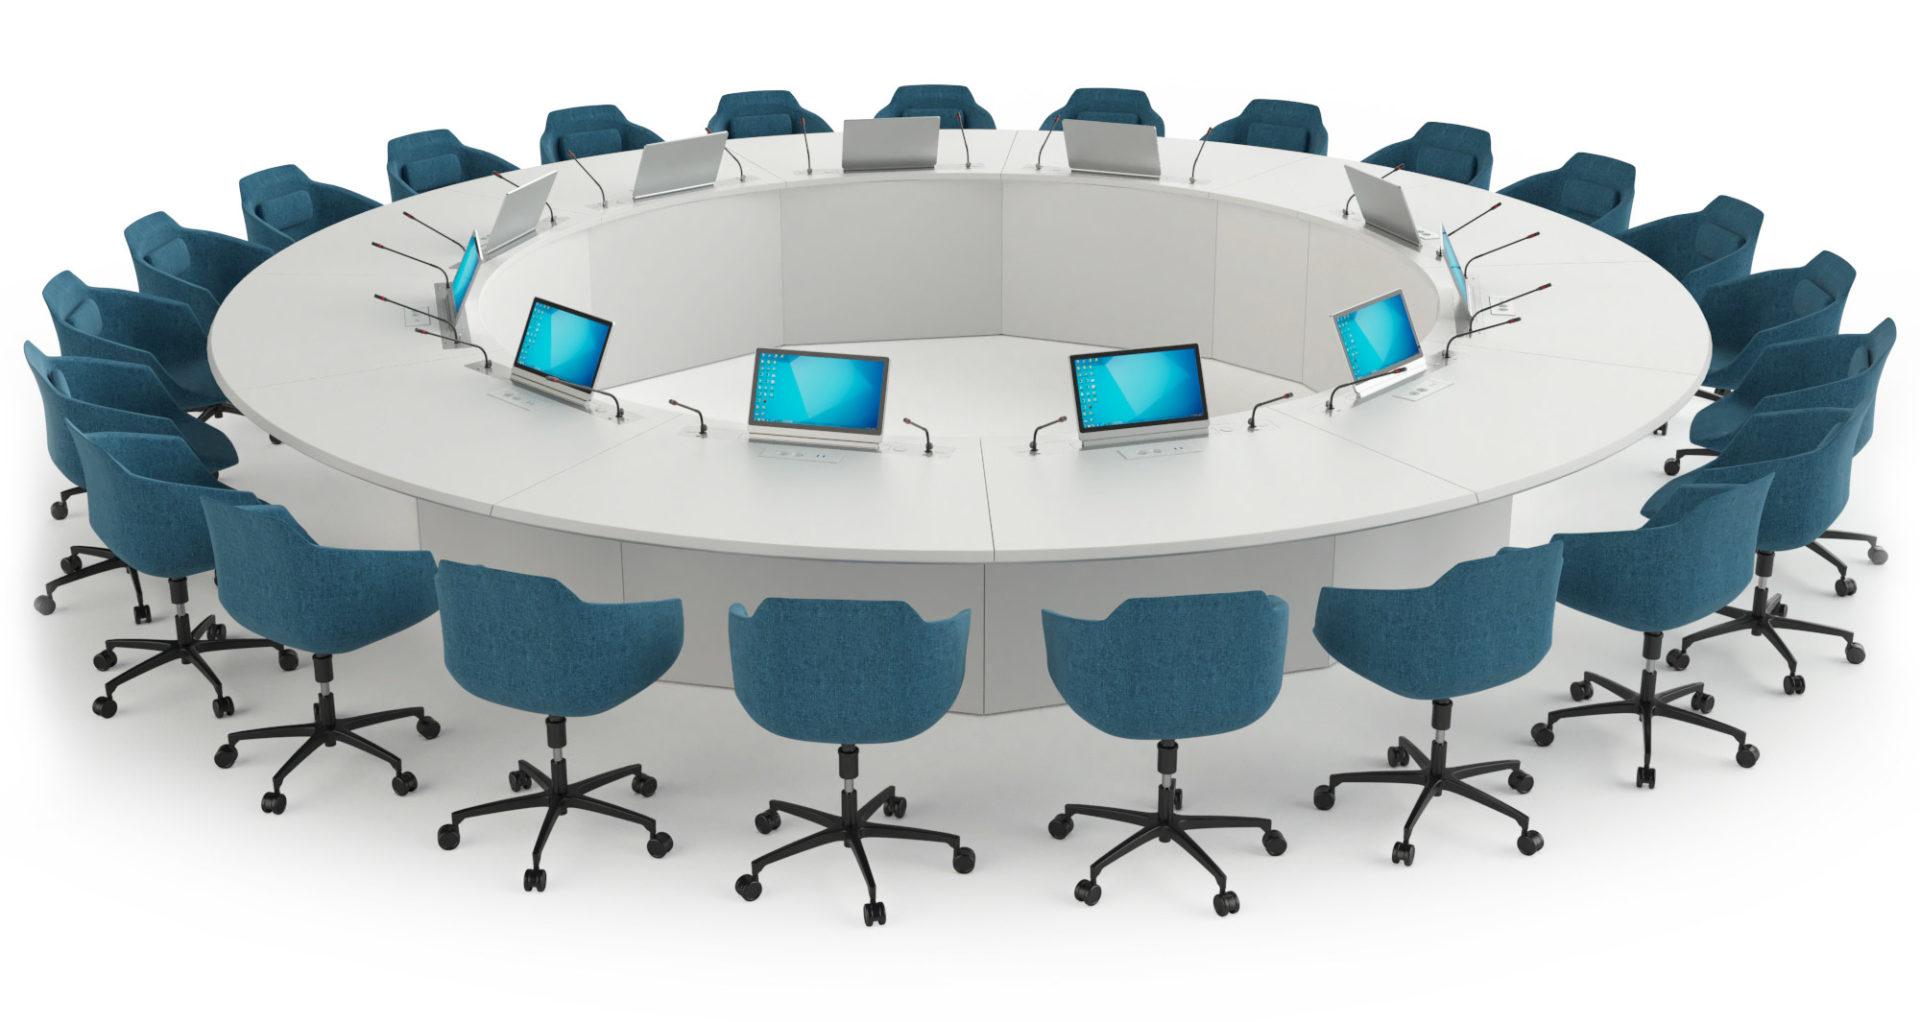 Table de réunion ronde, avec écrans rétractables et connectique intégrée